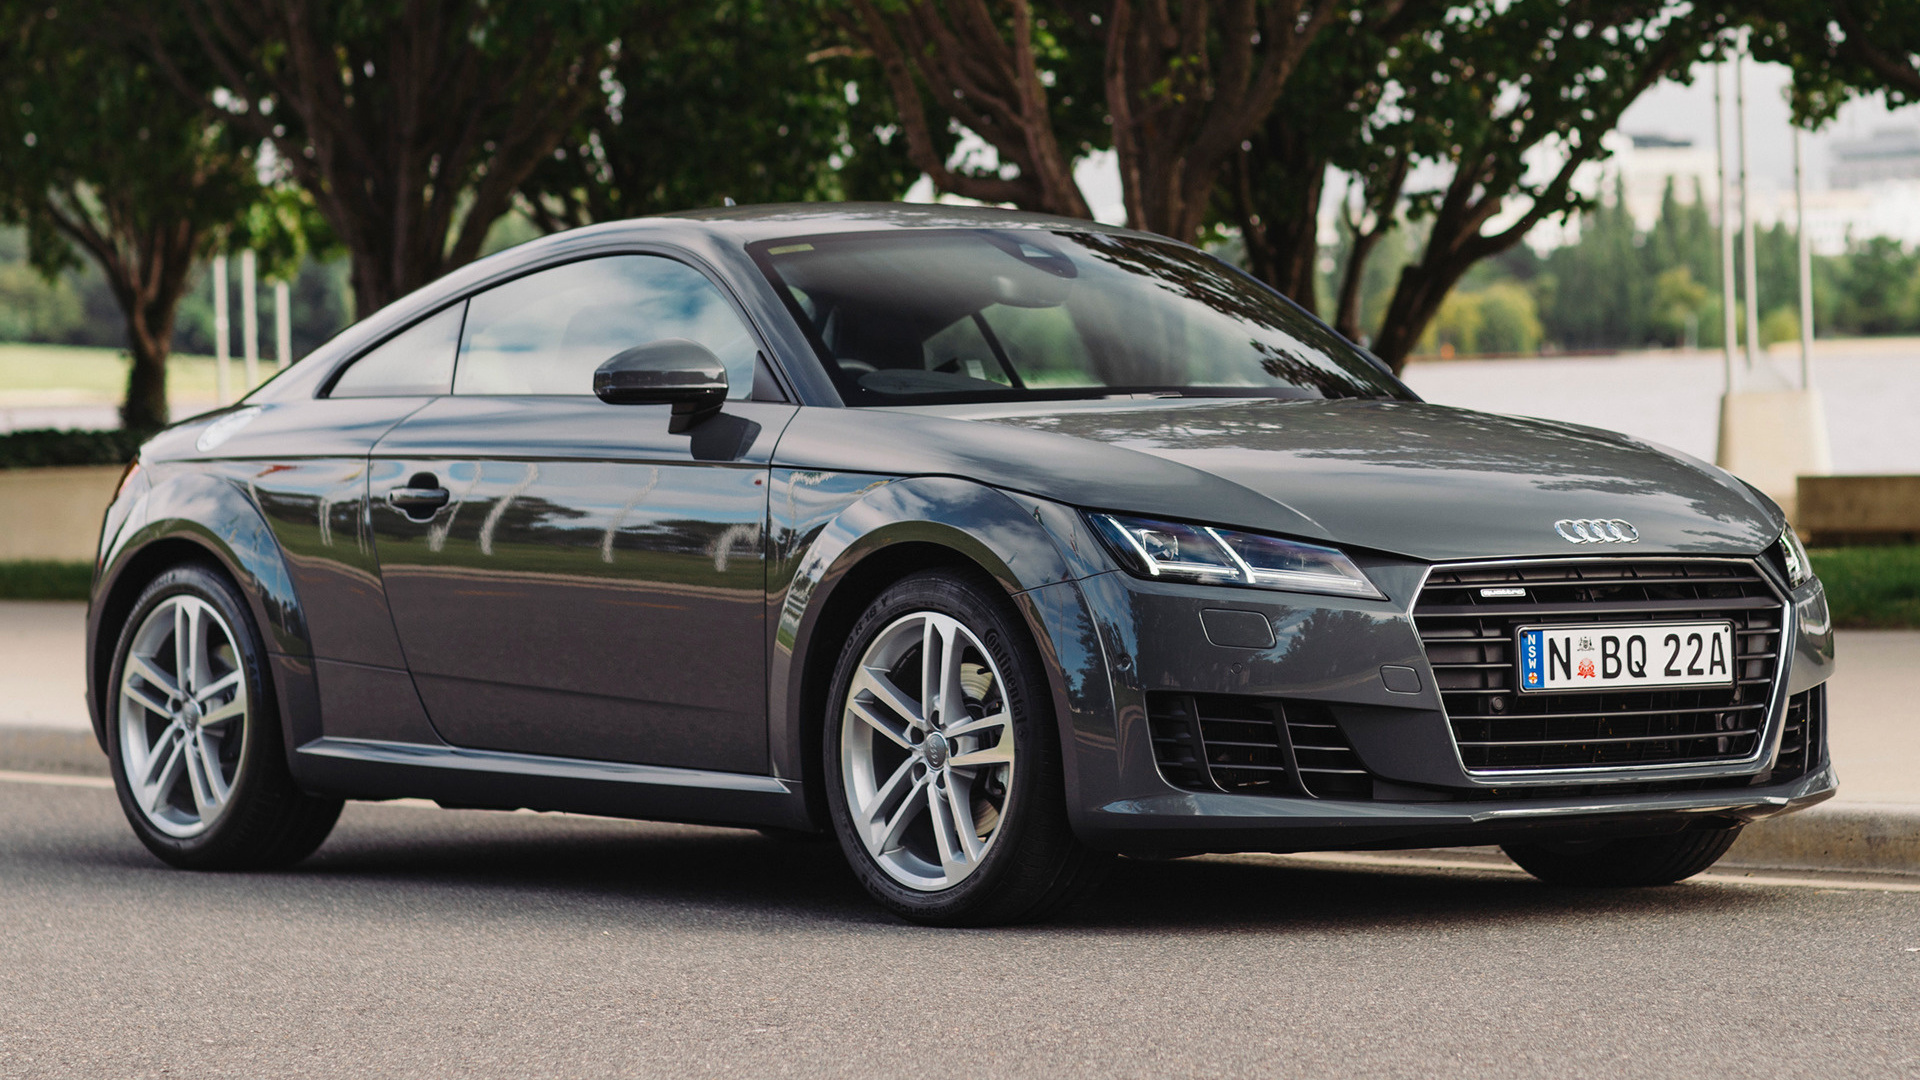 Kelebihan Audi Tt Coupe Spesifikasi